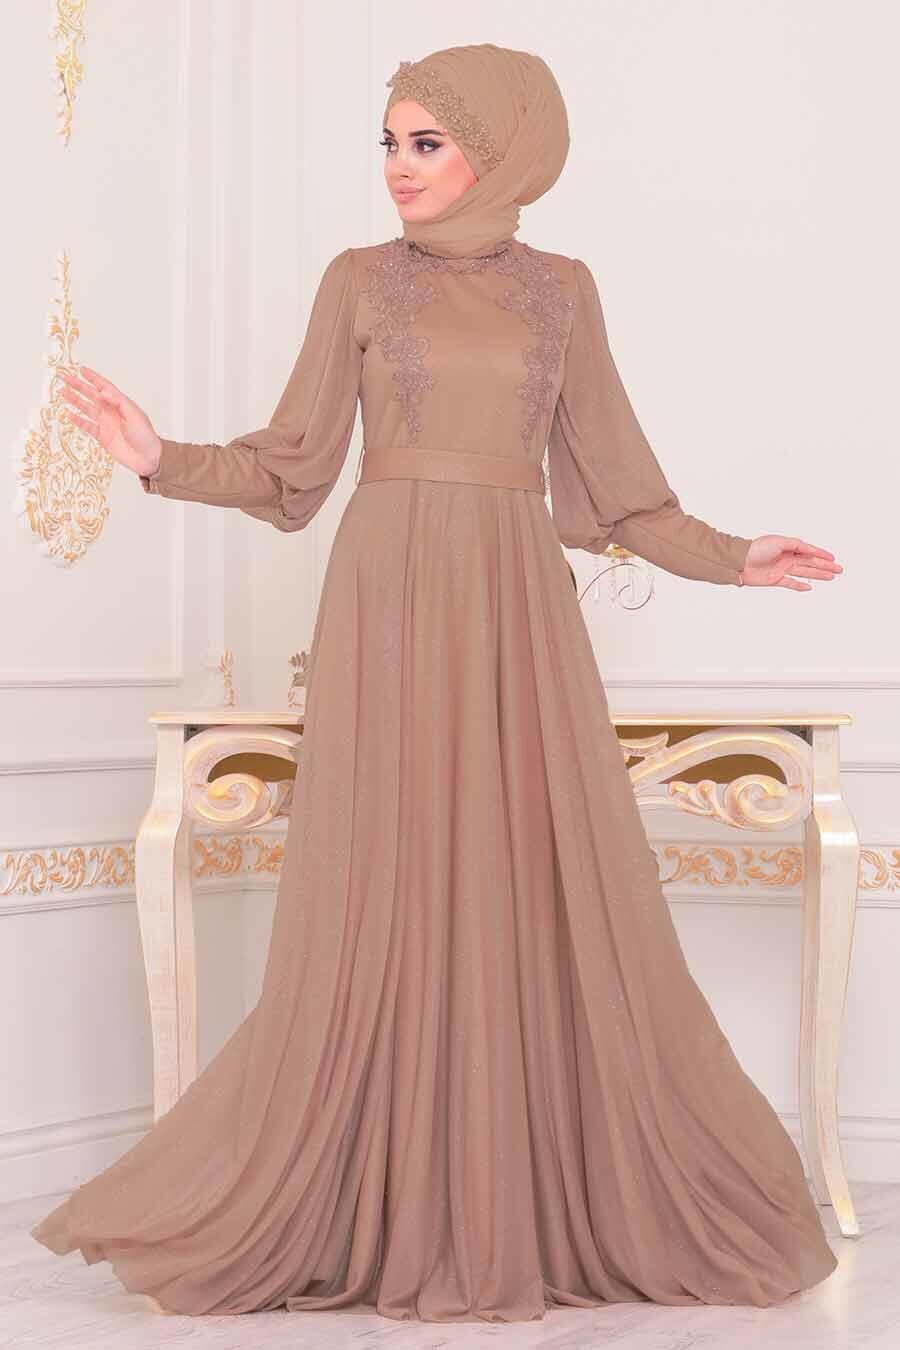 Tesettürlü Abiye Elbise - Balon Kol Vizon Tesettür Abiye Elbise 3927V